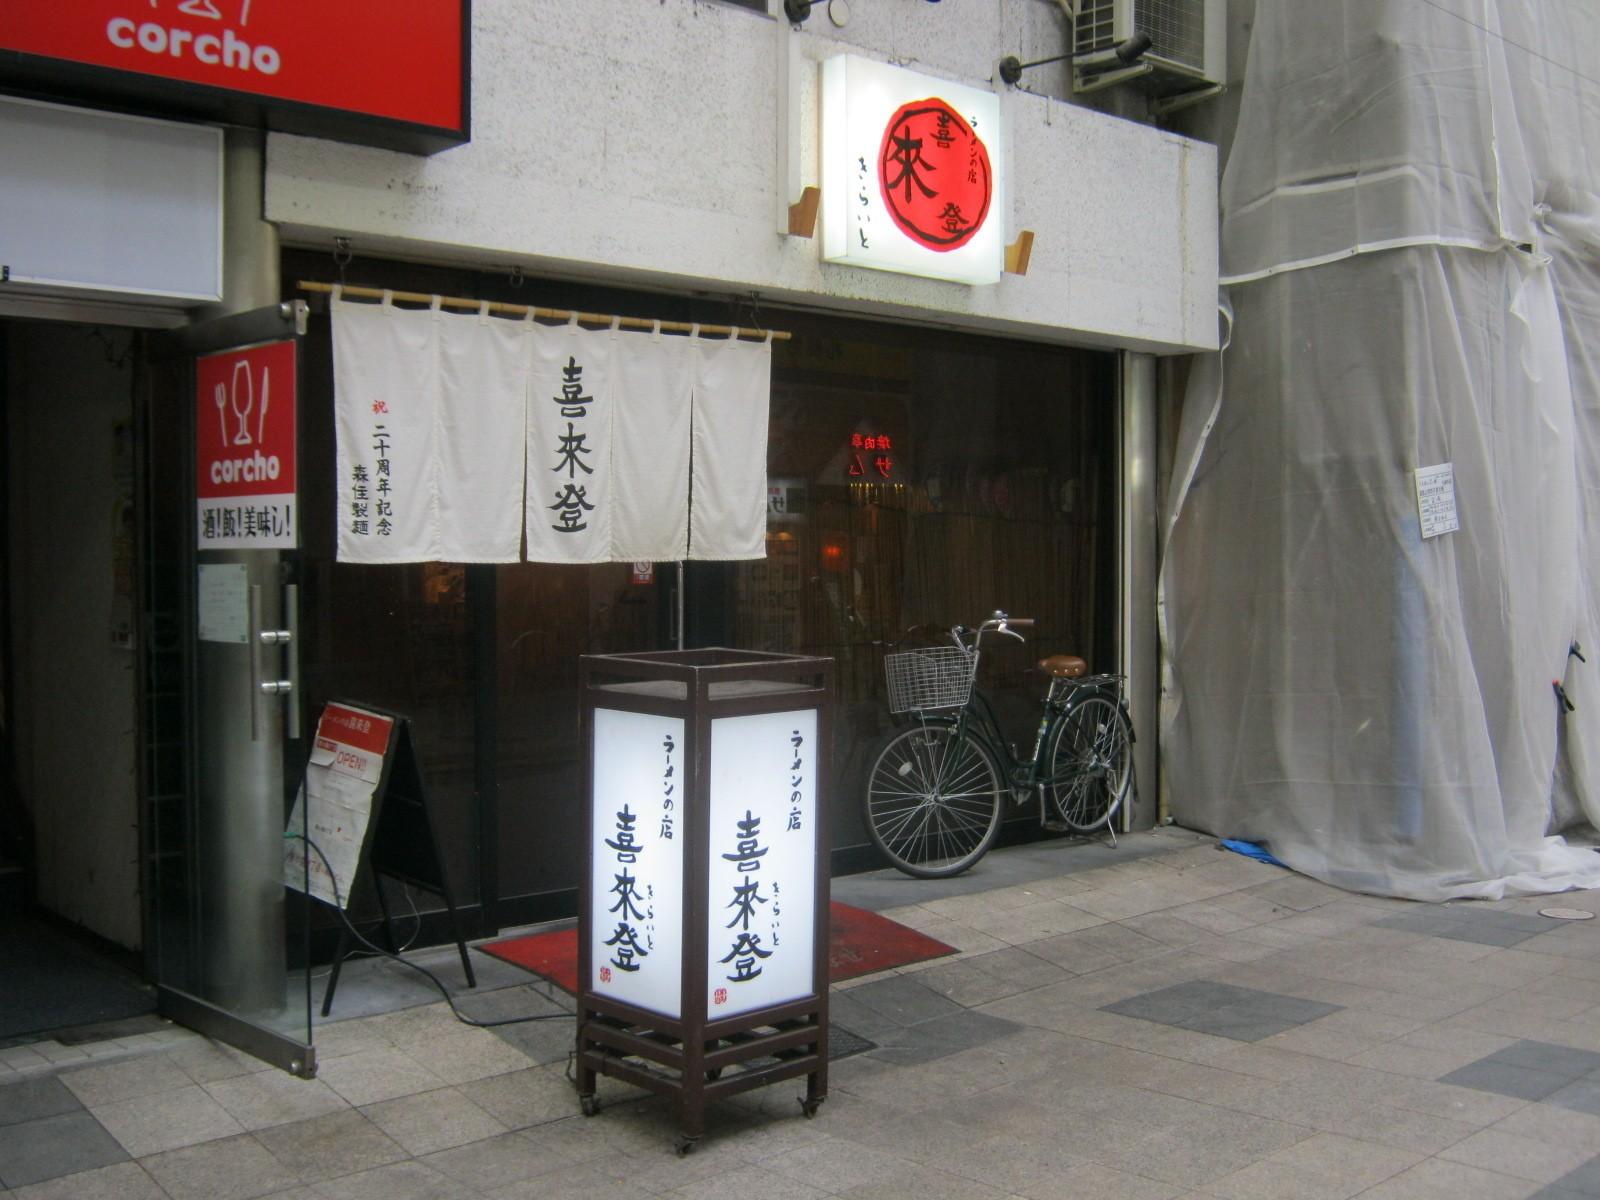 ラーメン激戦区!札幌・狸小路でラーメンを食べるならココ!